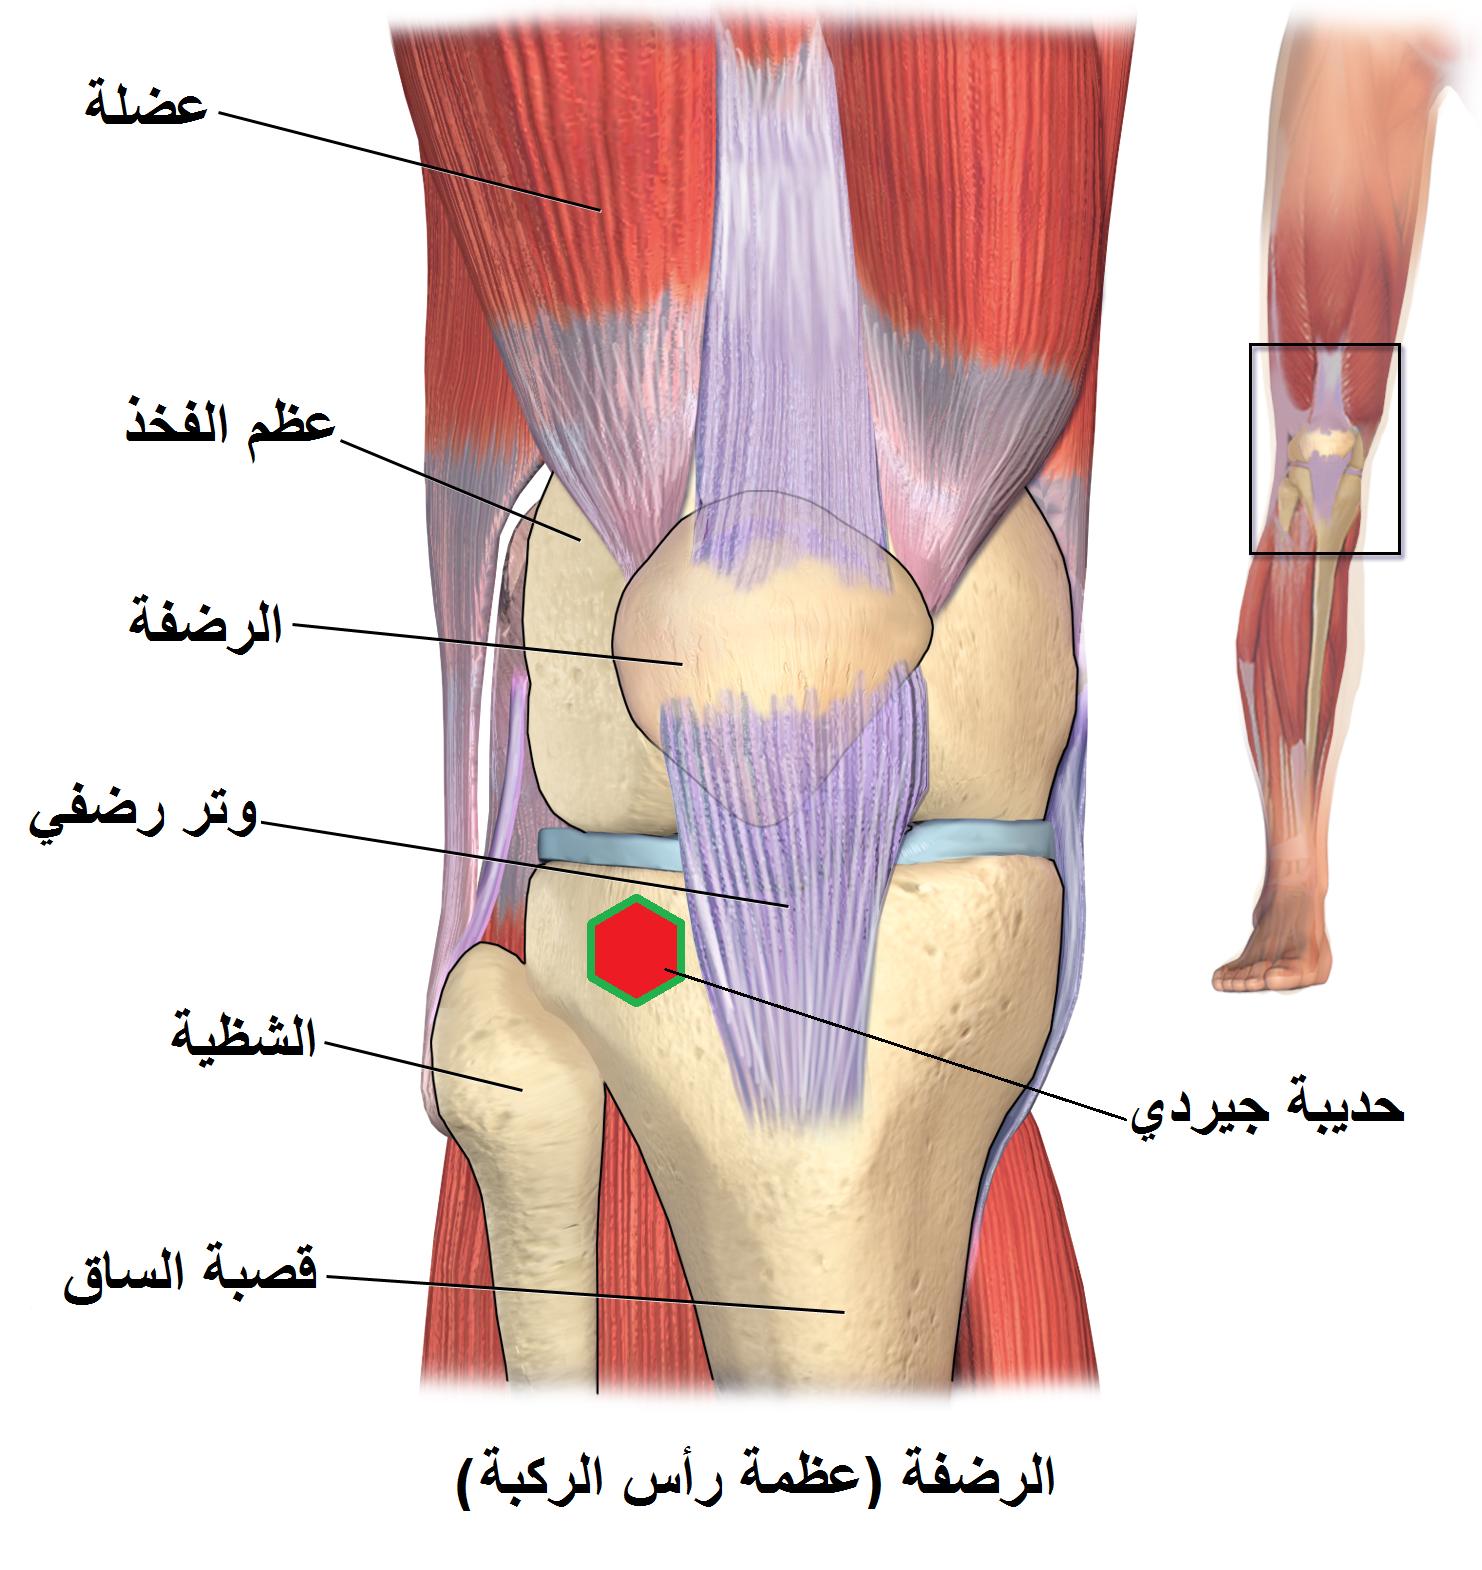 التكيف الصفحة الرئيسية معرض ألم الركبة اليمنى Sjvbca Org